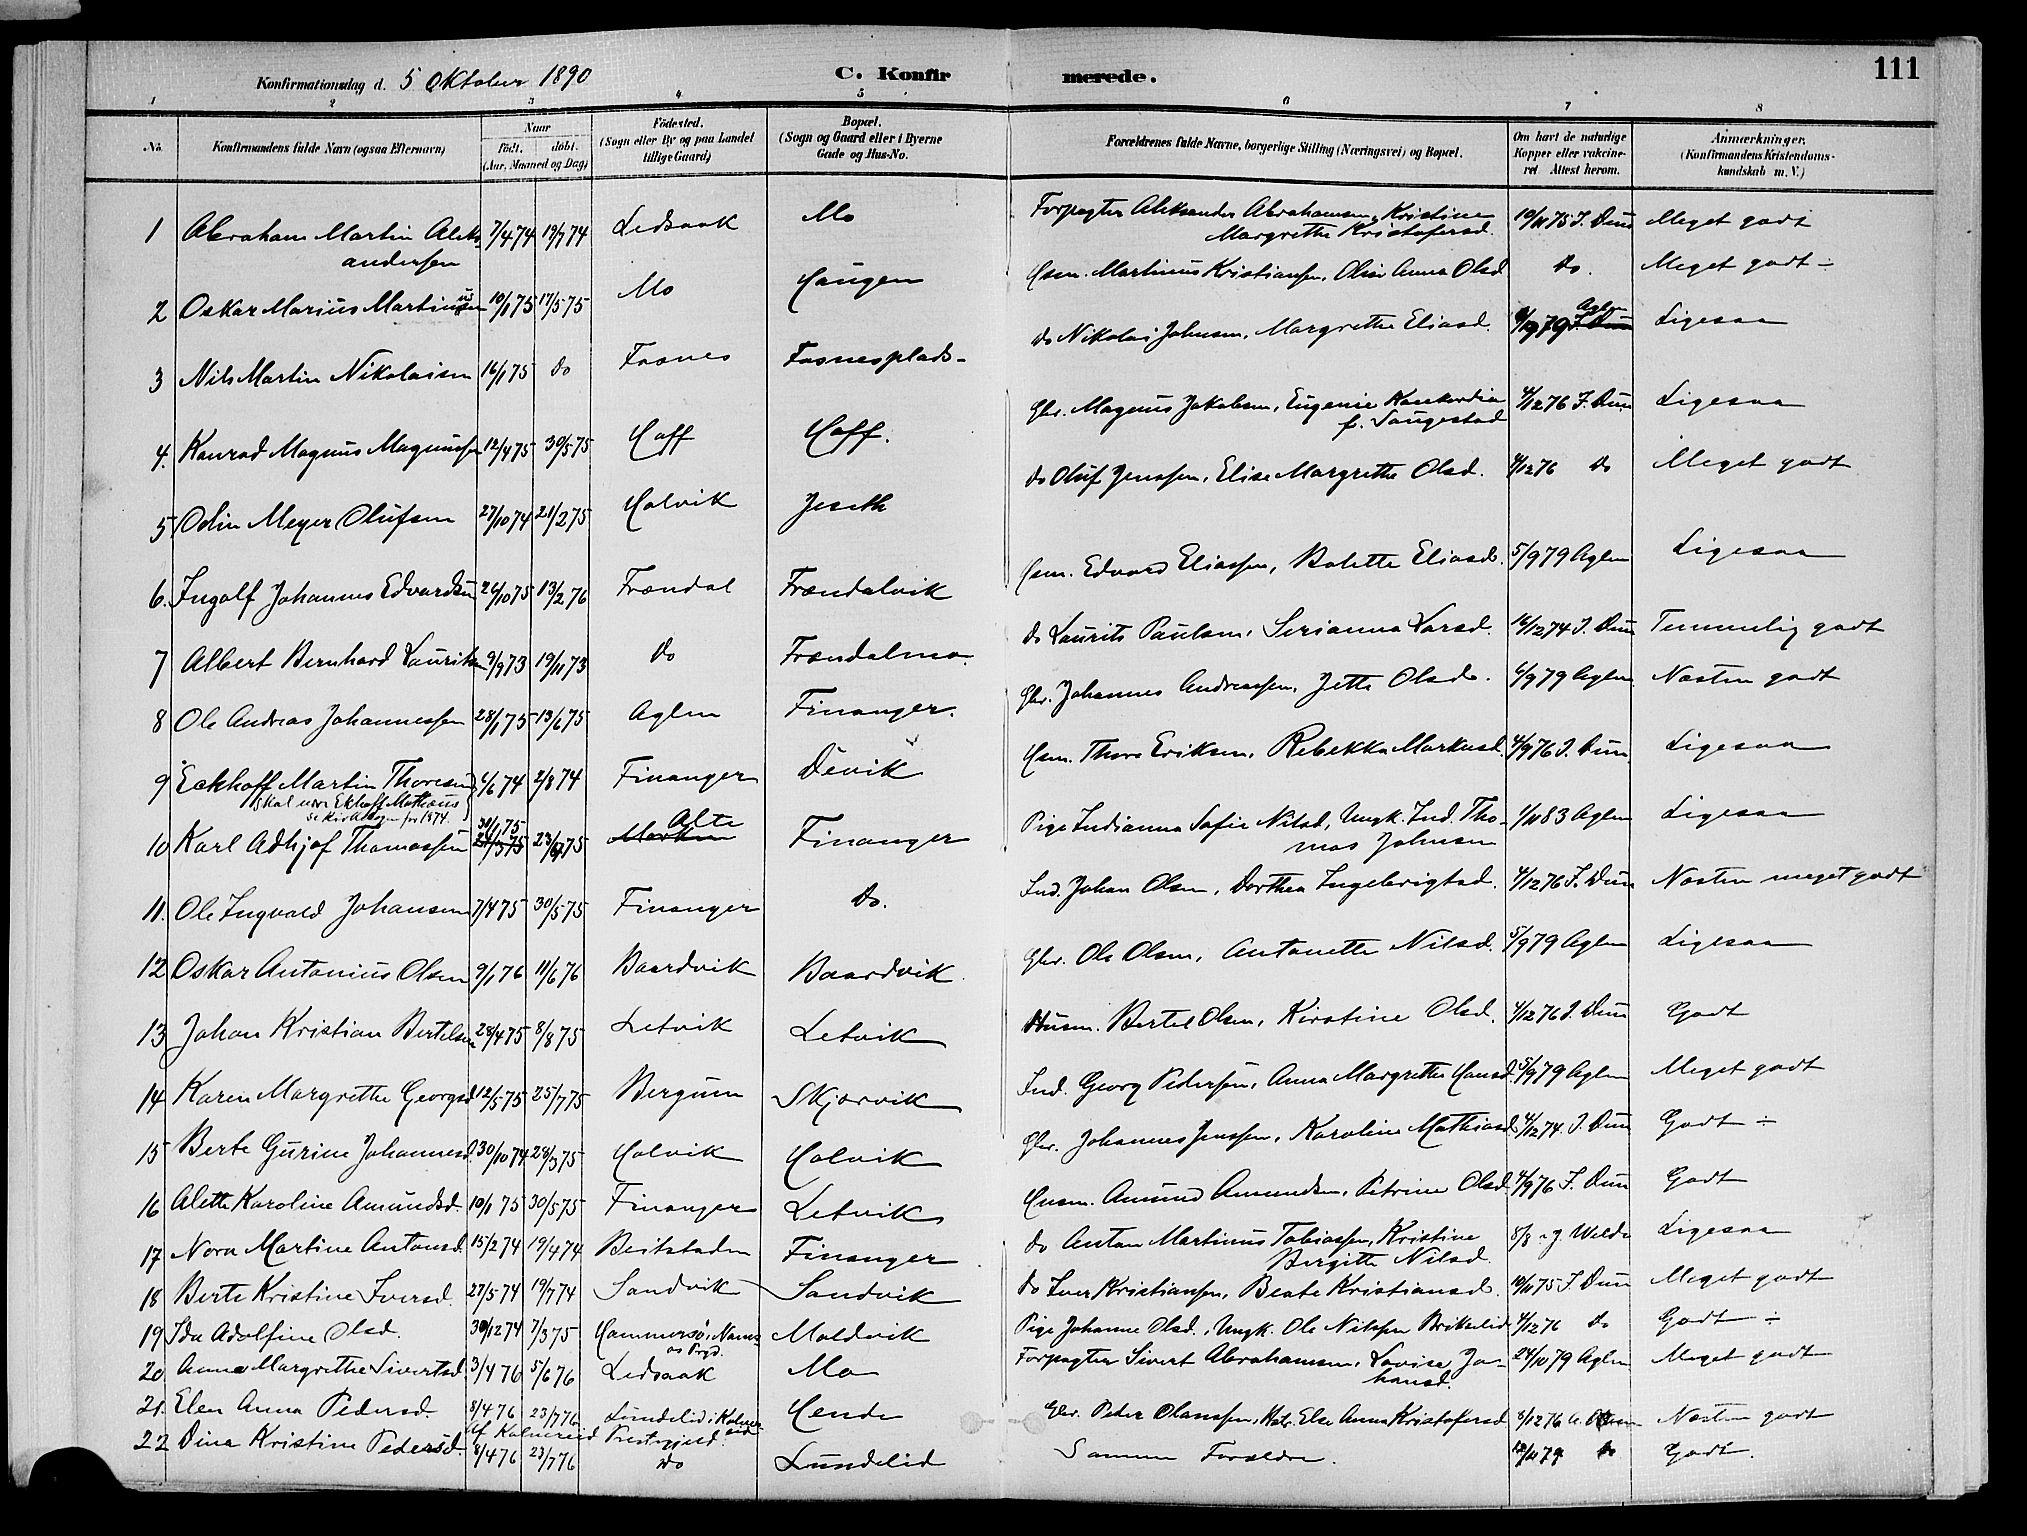 SAT, Ministerialprotokoller, klokkerbøker og fødselsregistre - Nord-Trøndelag, 773/L0617: Ministerialbok nr. 773A08, 1887-1910, s. 111